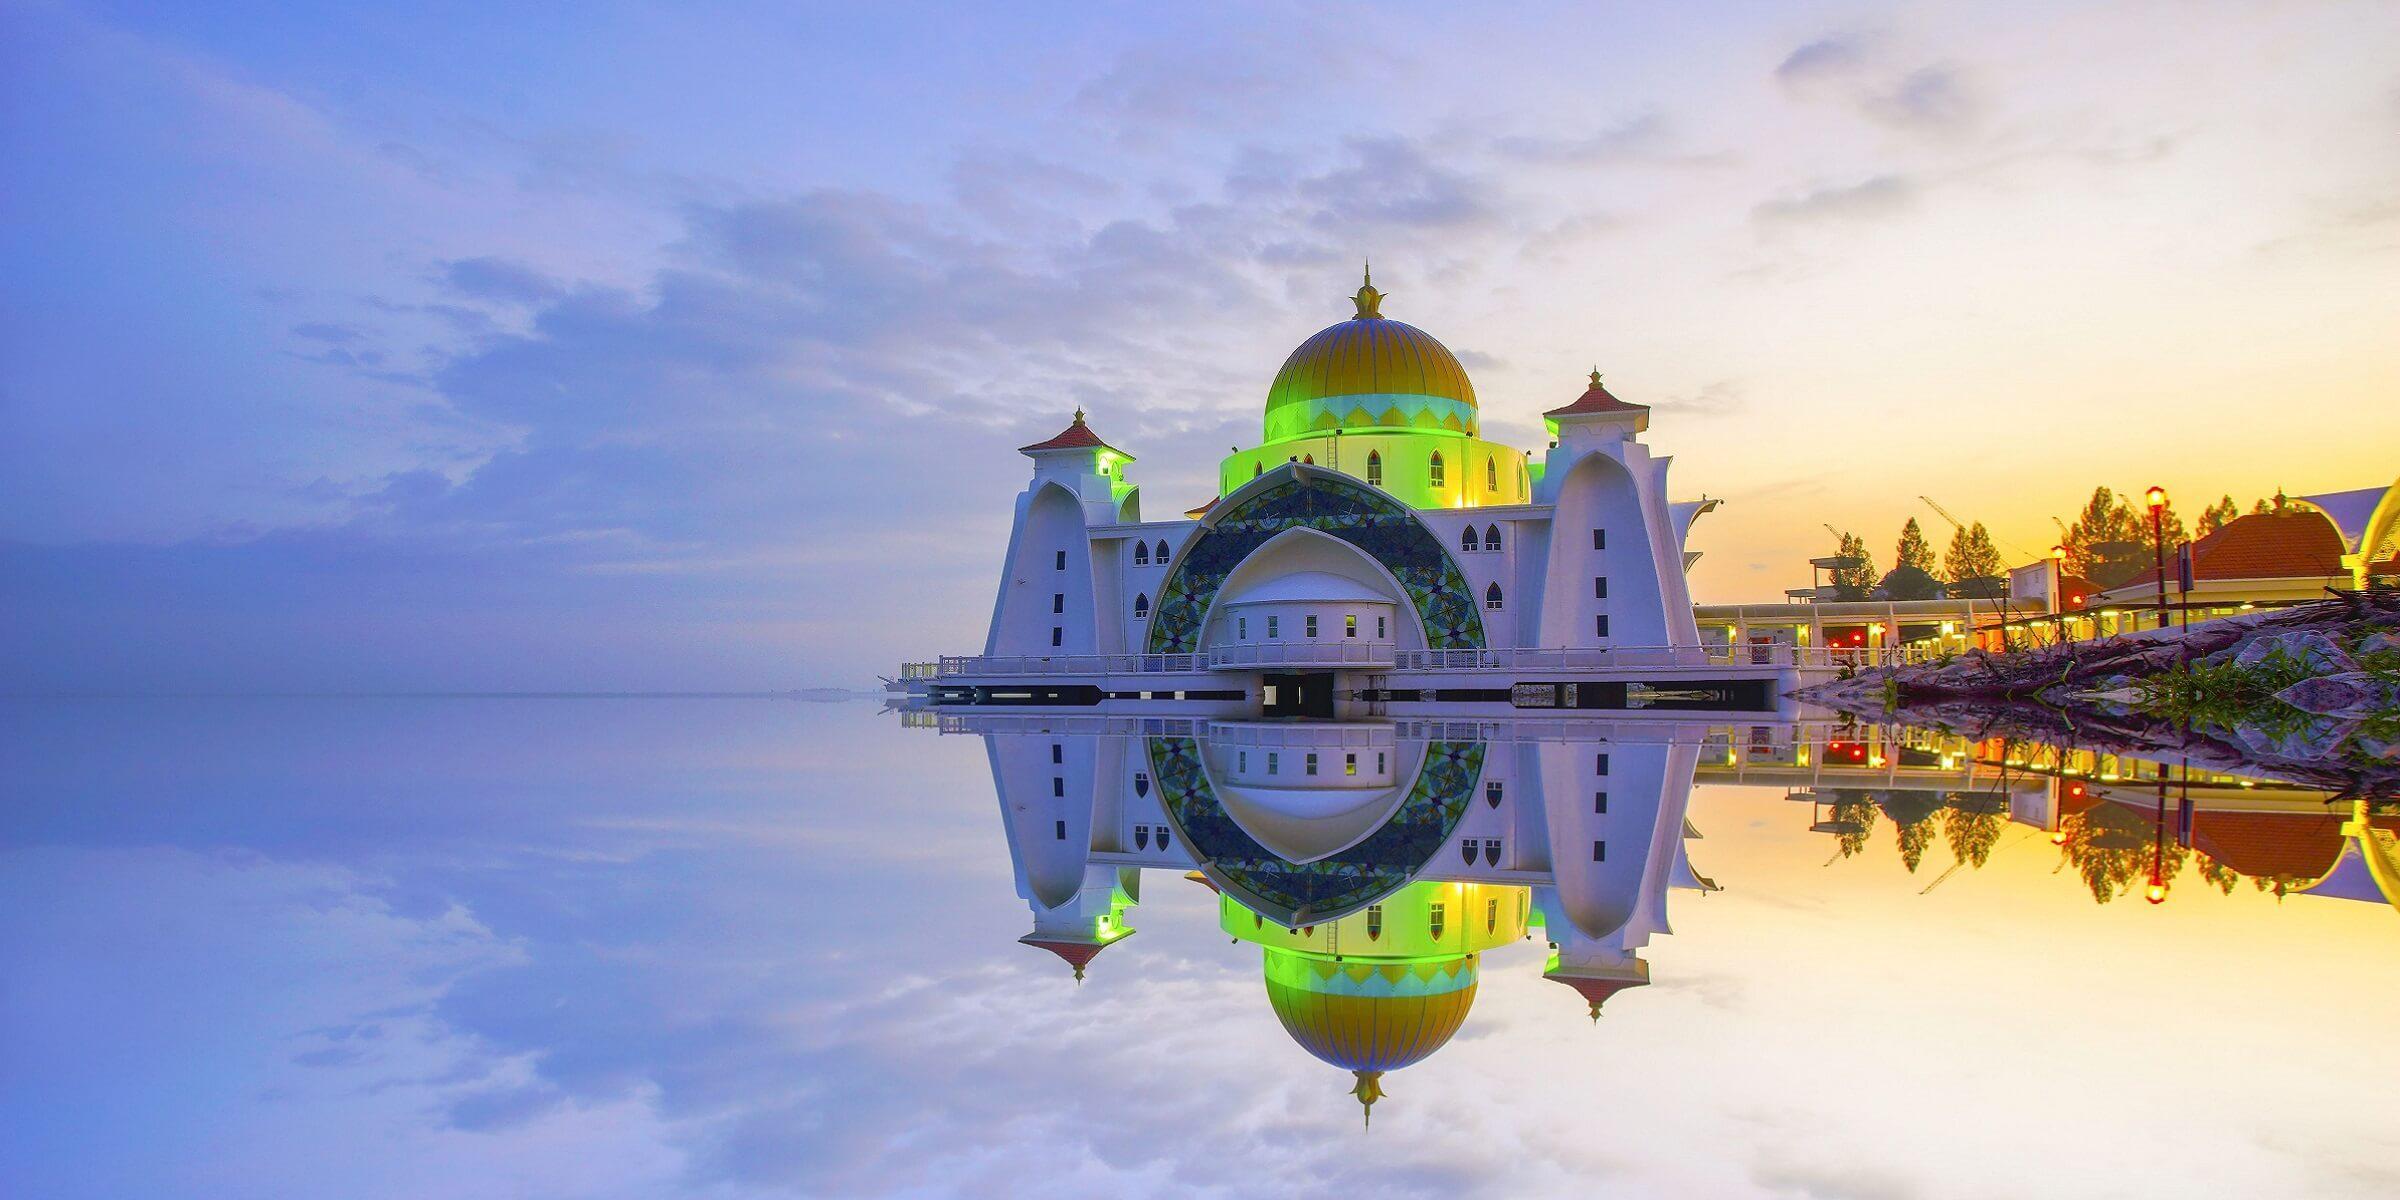 Beeindruckende Moschee in Malacca direkt am Wasser gebaut